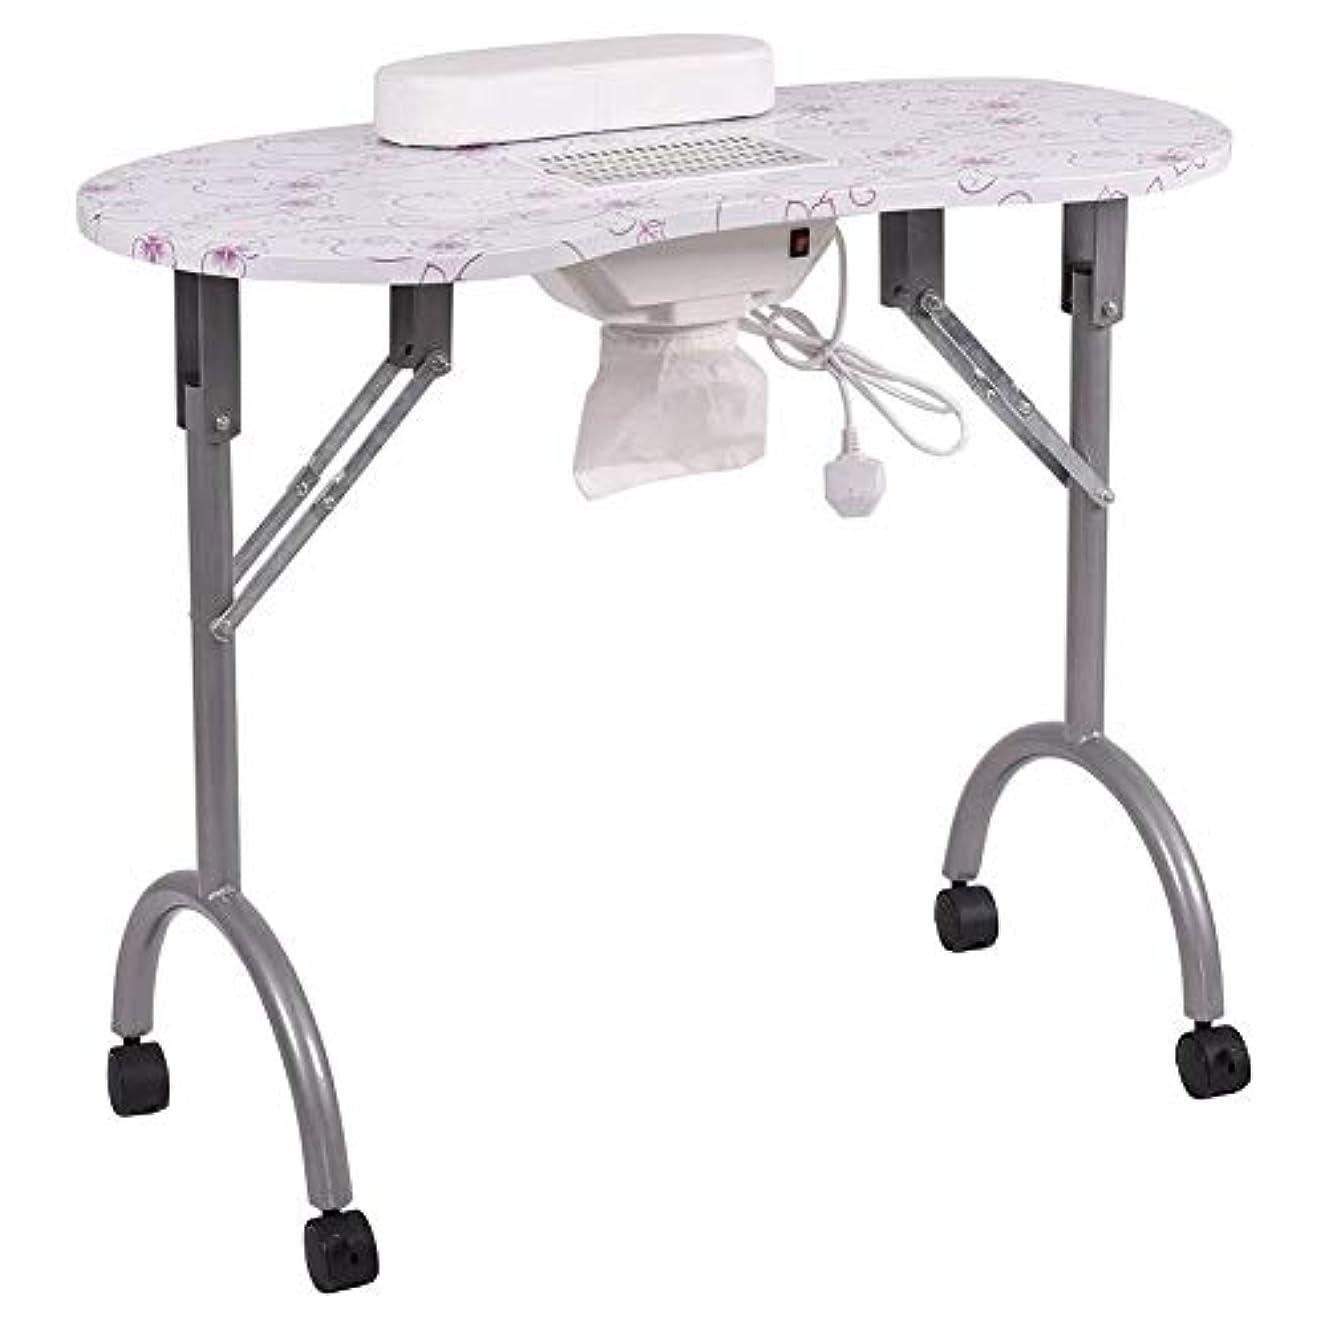 データベース疑問を超えて鍔ネイルテーブル折りたたみ式ポータブルマニキュアテーブルベントマニキュアワークステーションネイルデスクサロンスパネイル掃除機andbag